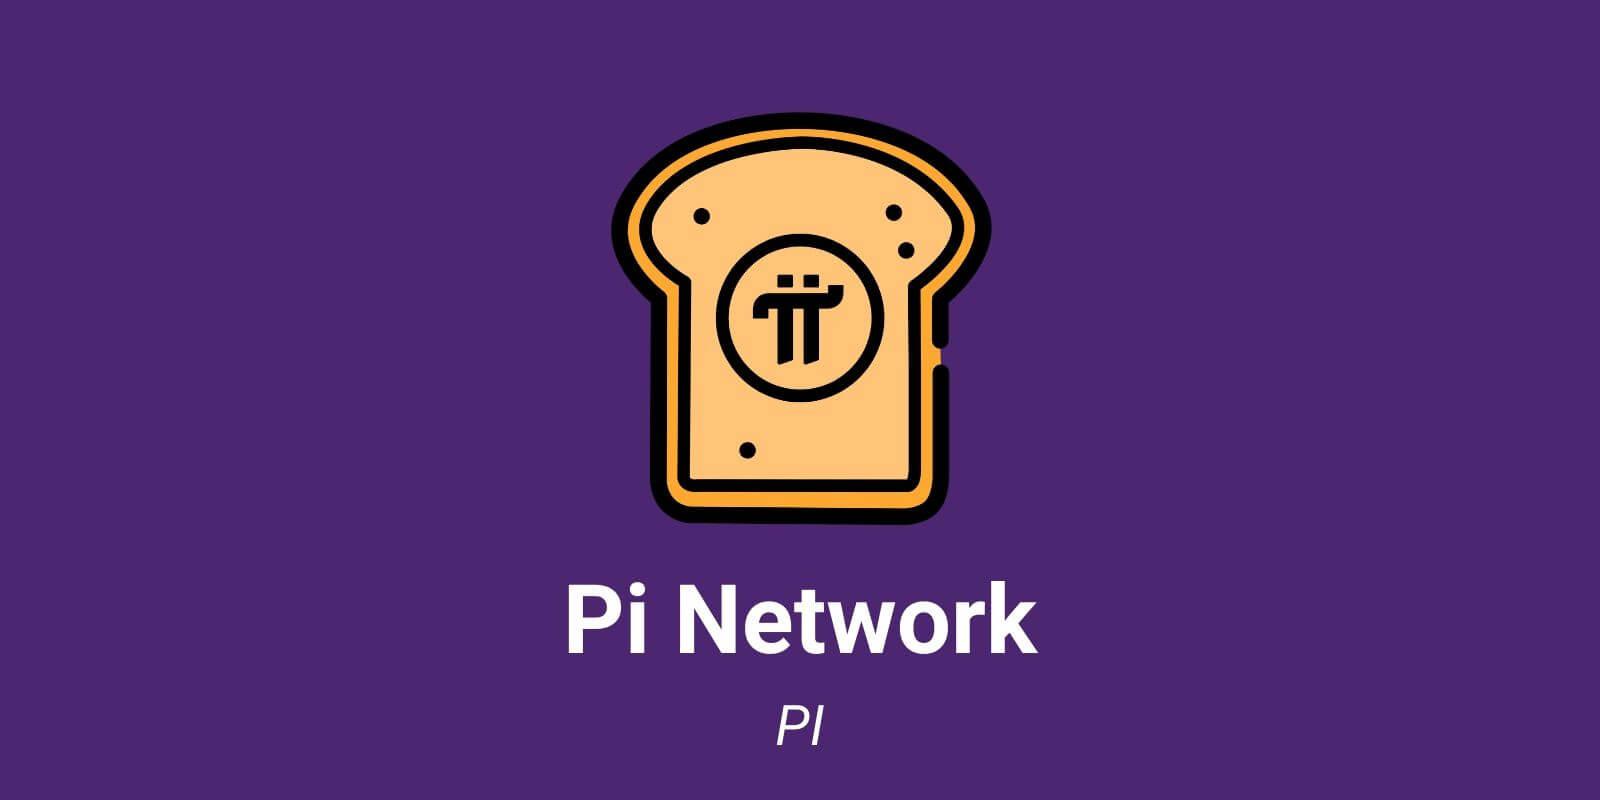 Pi Project, Projet Crypto Sérieux Ou Arnaque ? Analyses Et encequiconcerne Monnaie Fictive